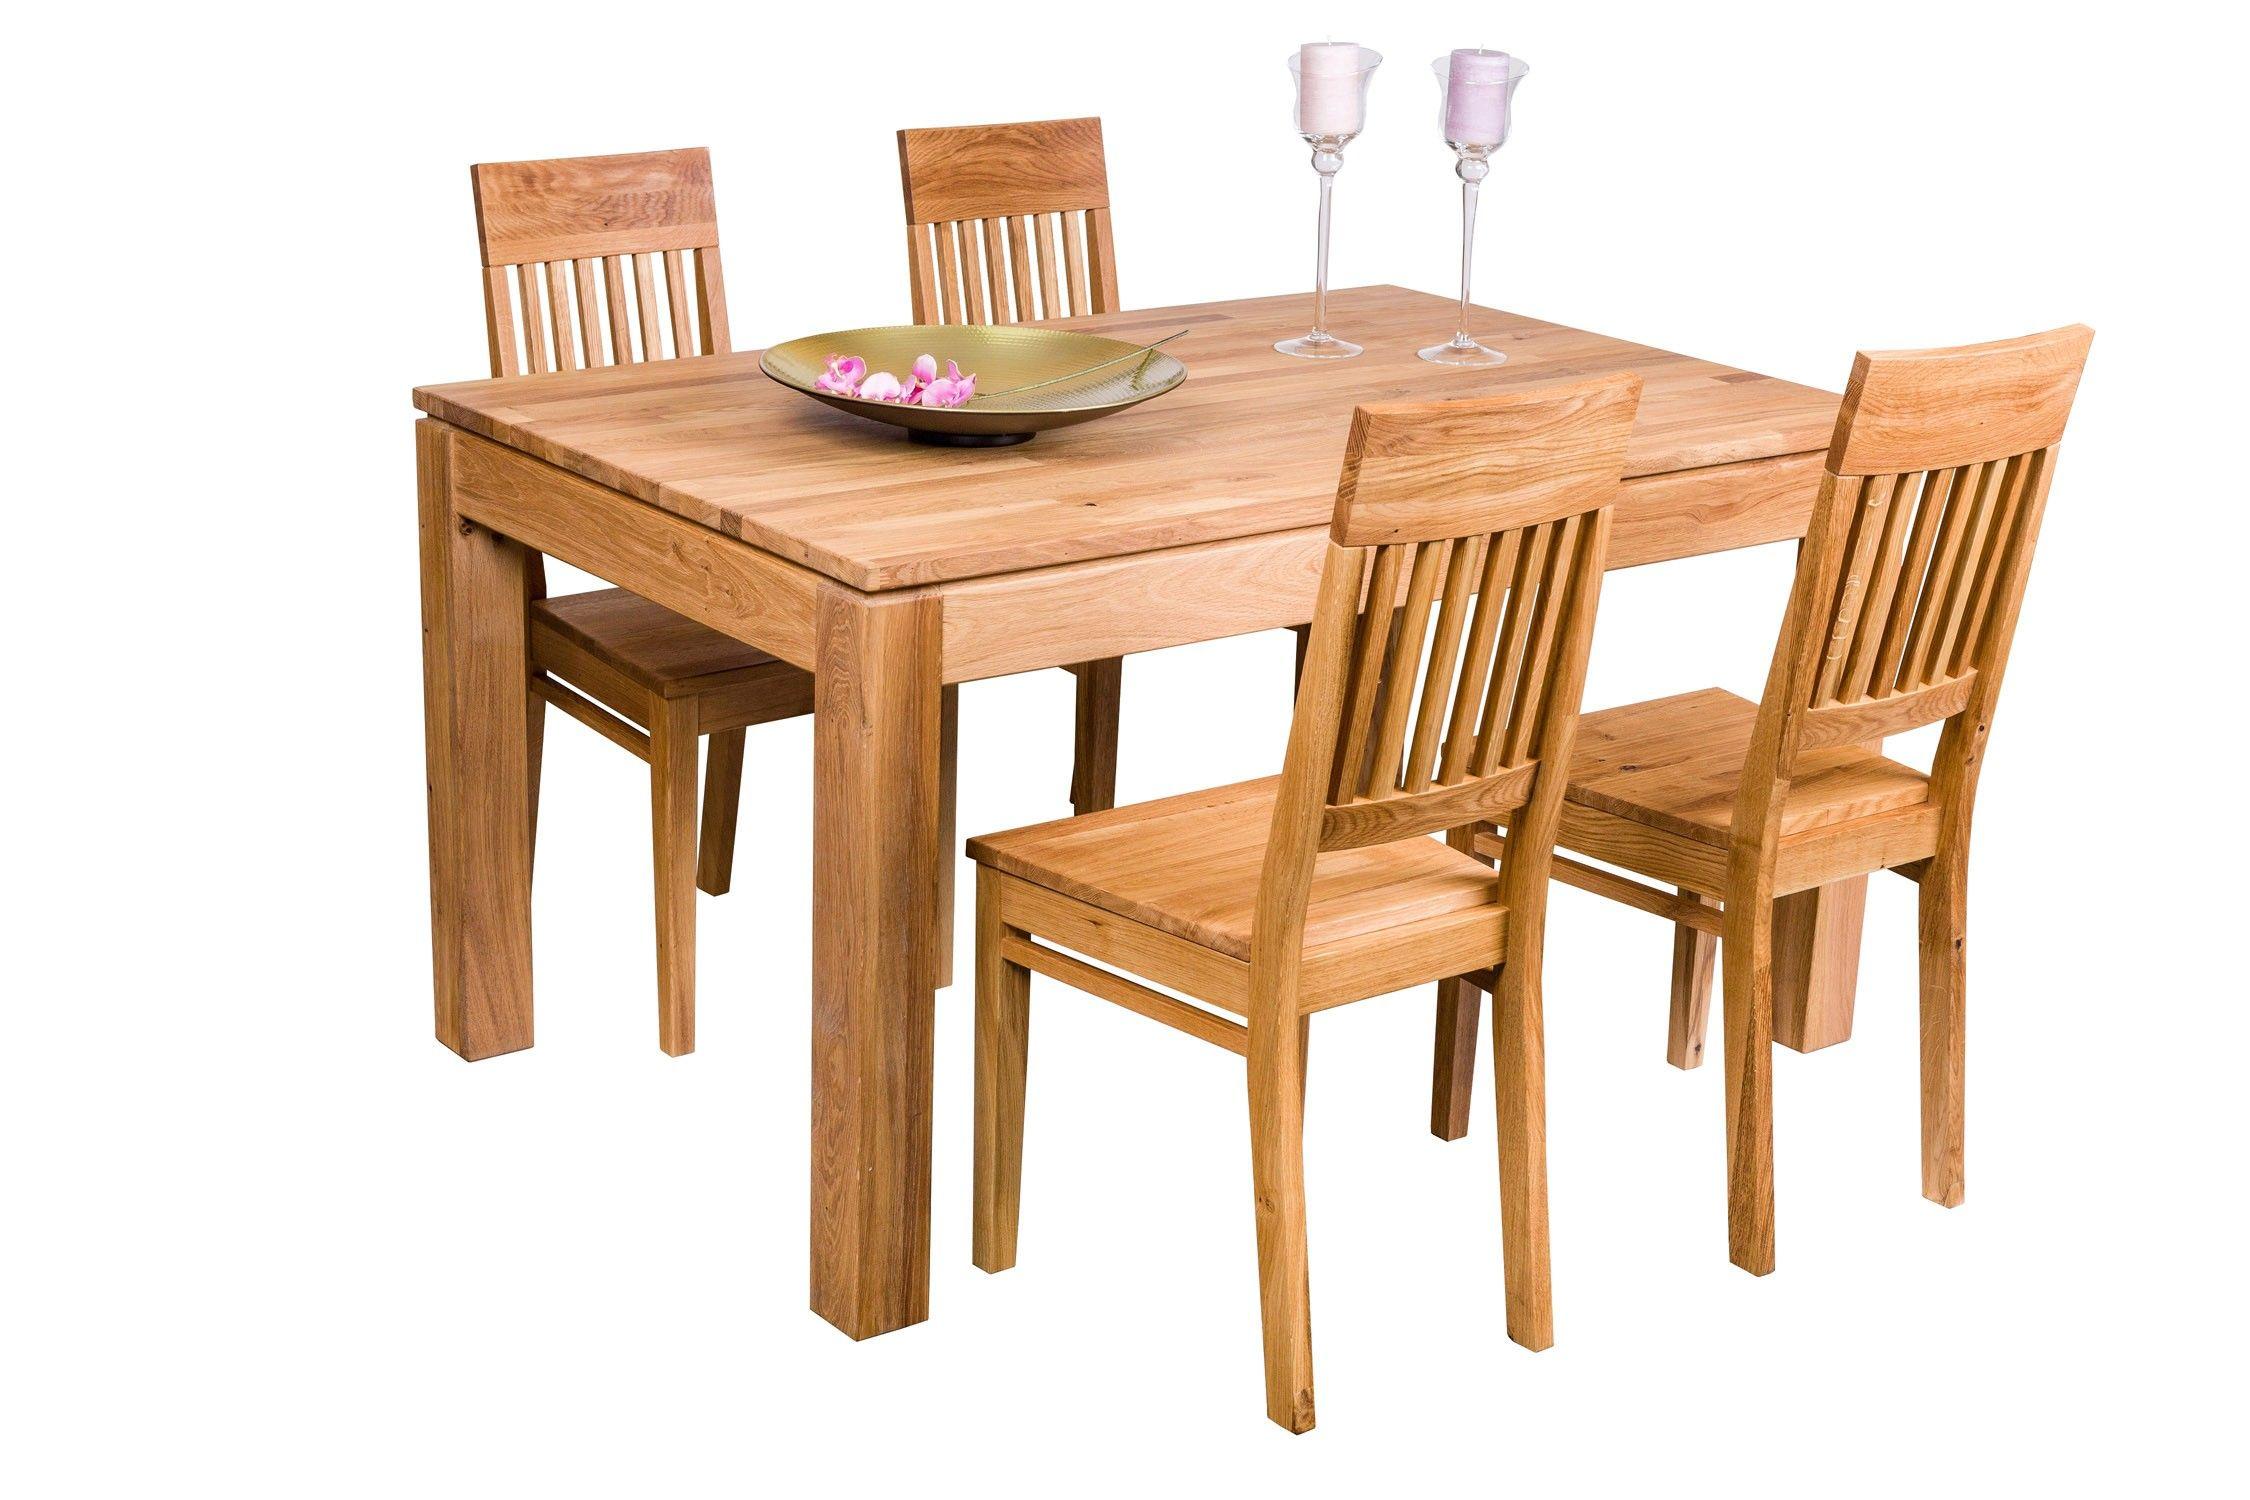 Eiche Esstisch Und Stühle Set Farm Esstisch Eiche Möbel